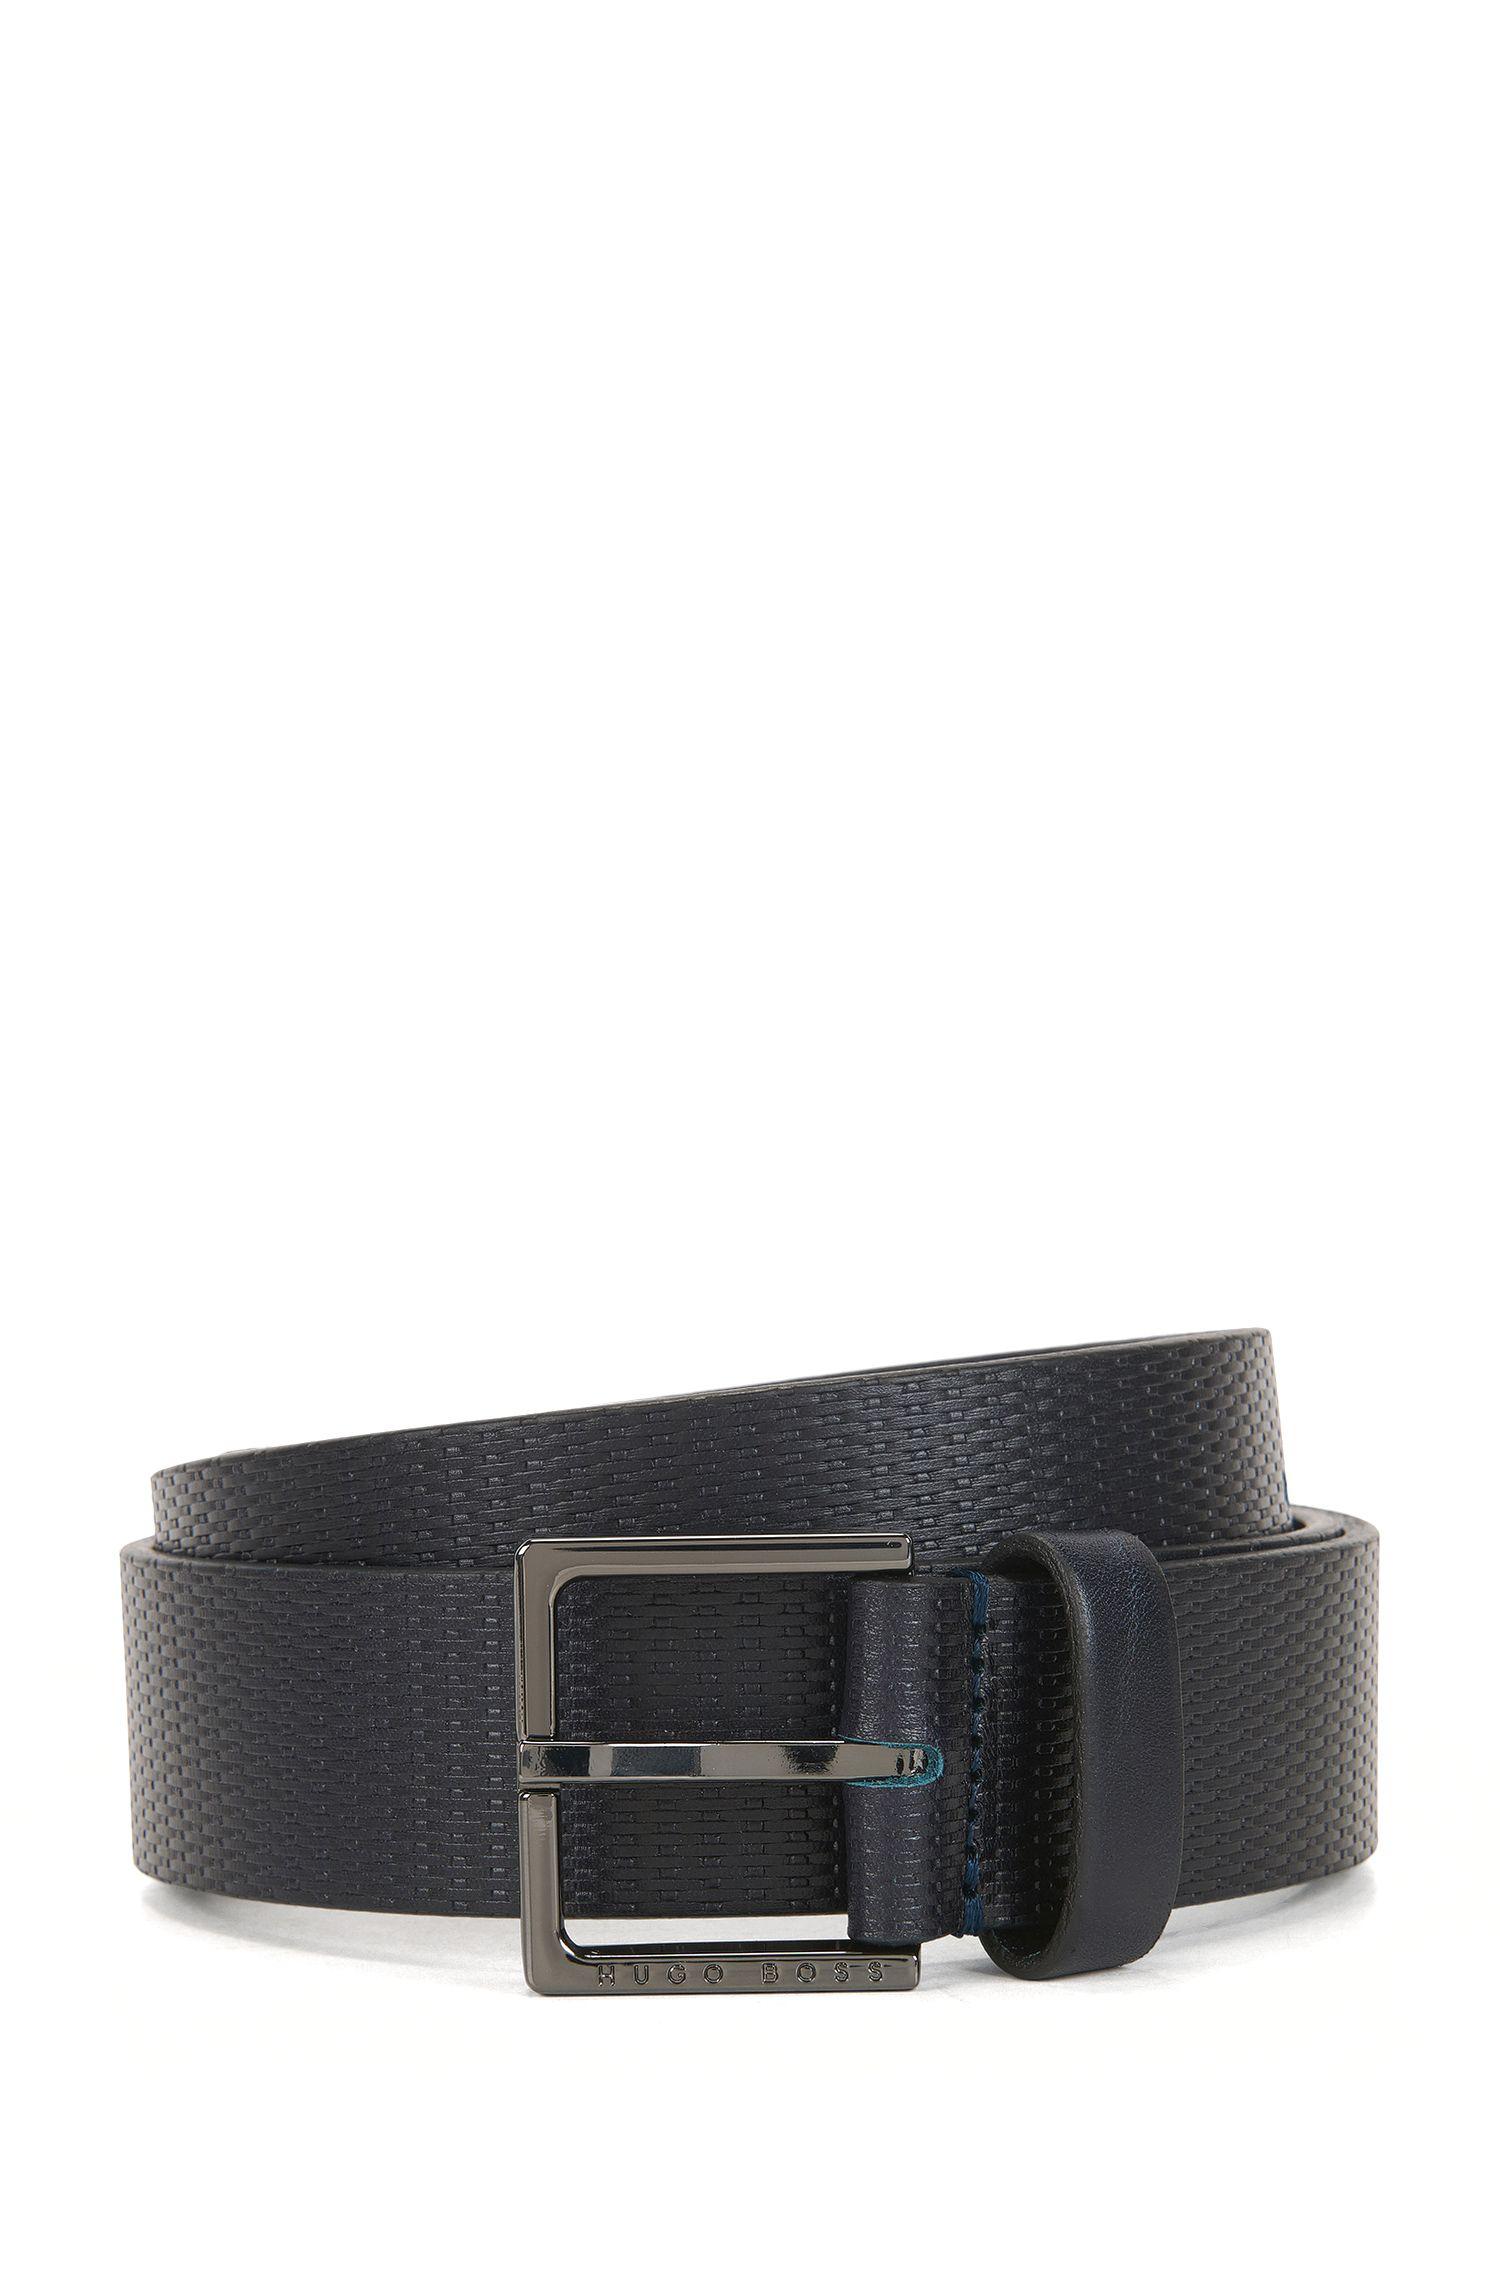 Cintura con fibbia ad ardiglione in pelle stampata